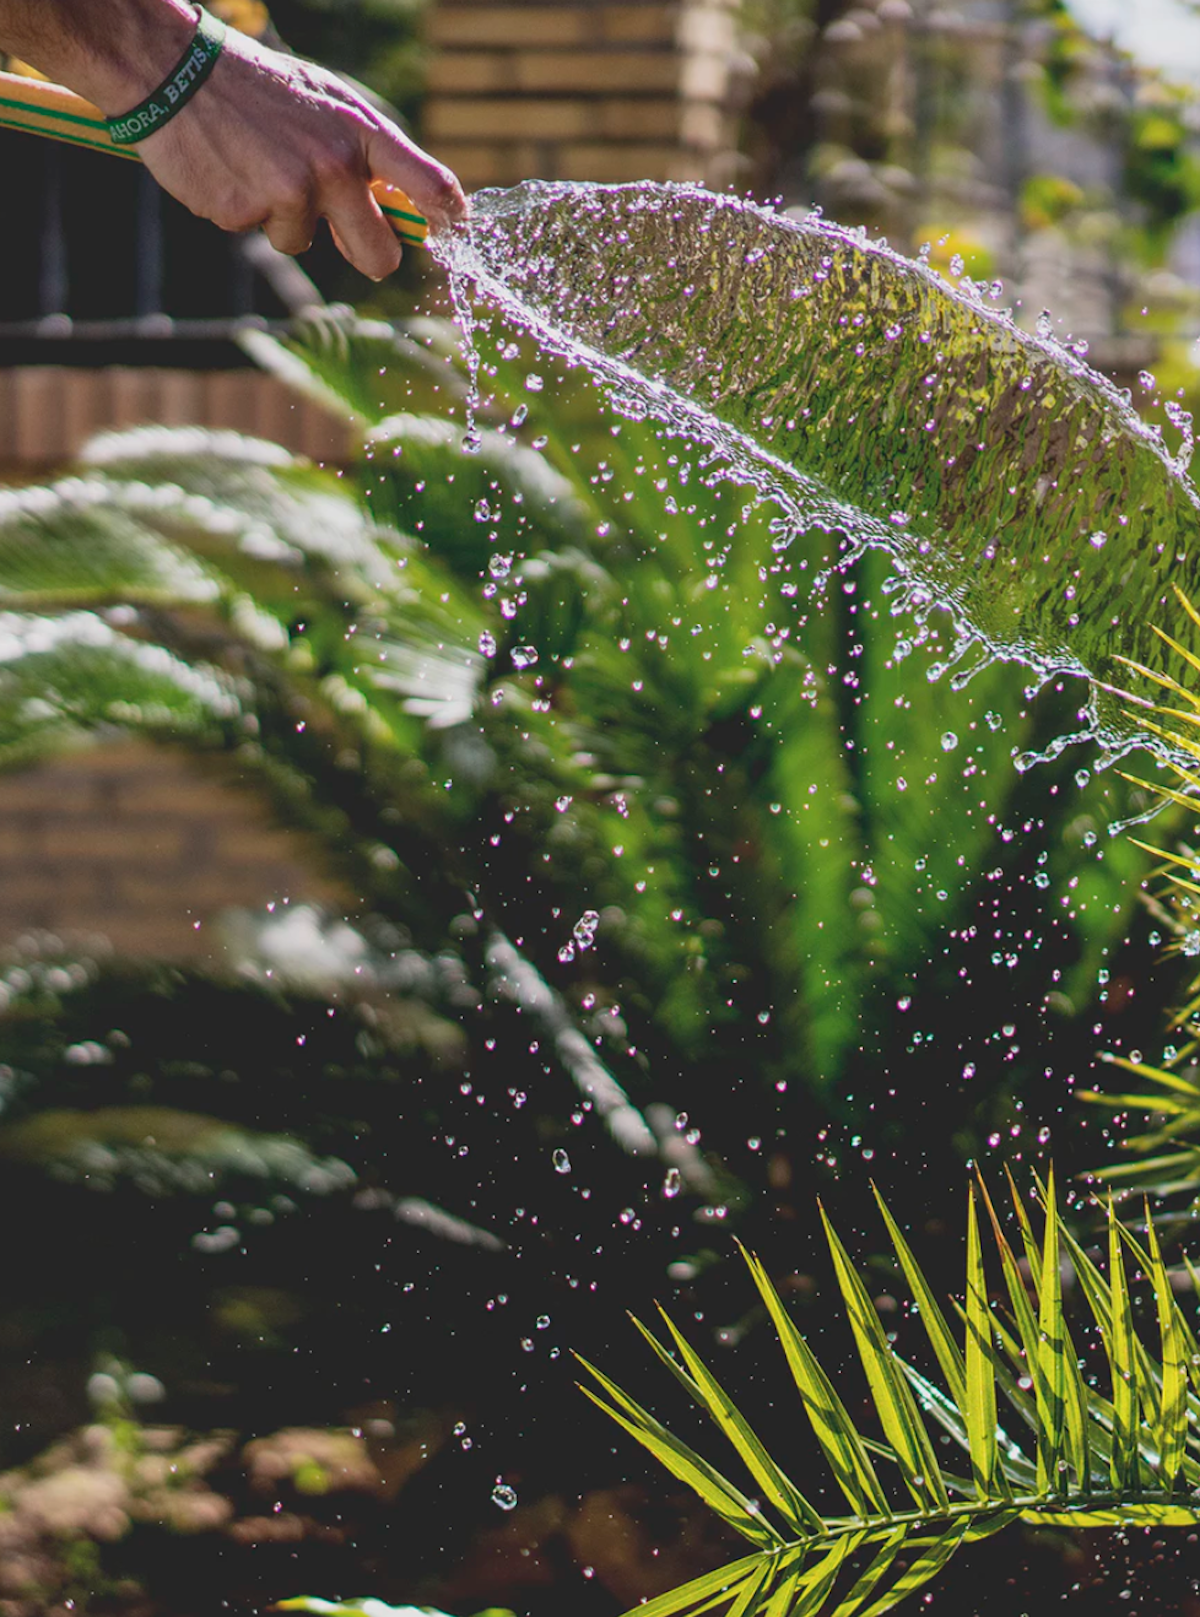 économiser l eau du jardin grâce au paillage et a l espace des tontes - blog déco - clematc